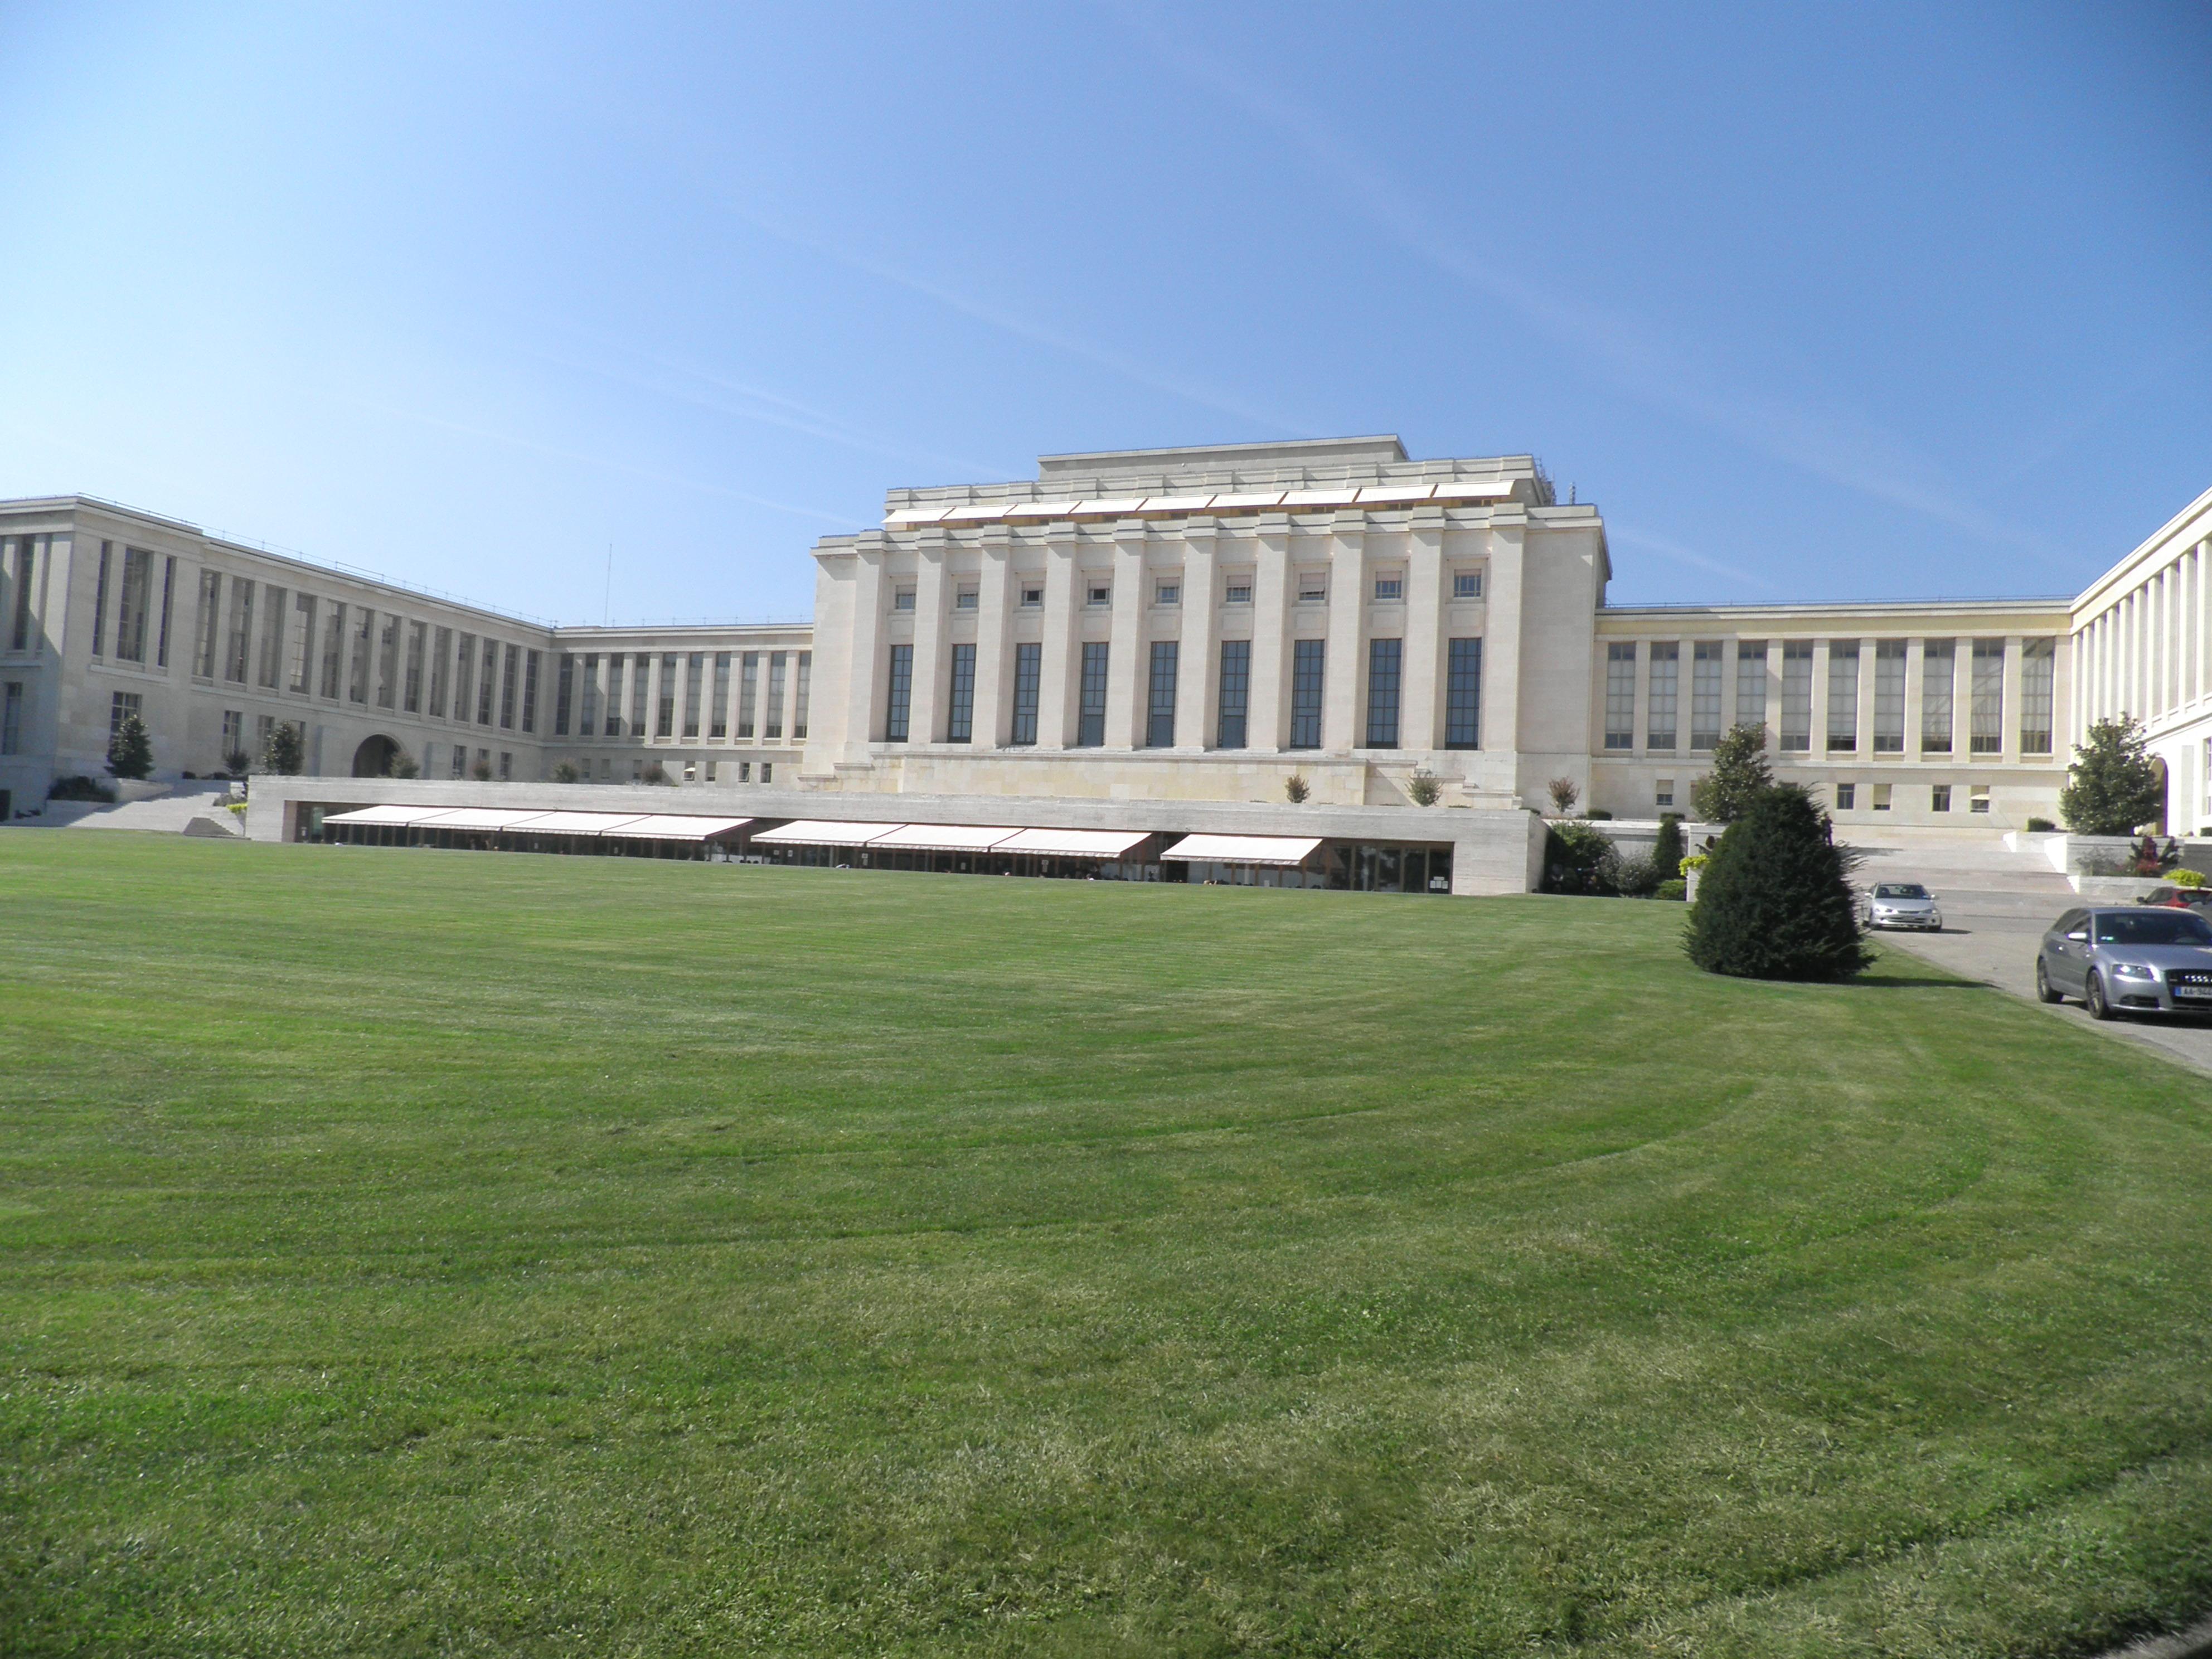 Palacio de Naciones